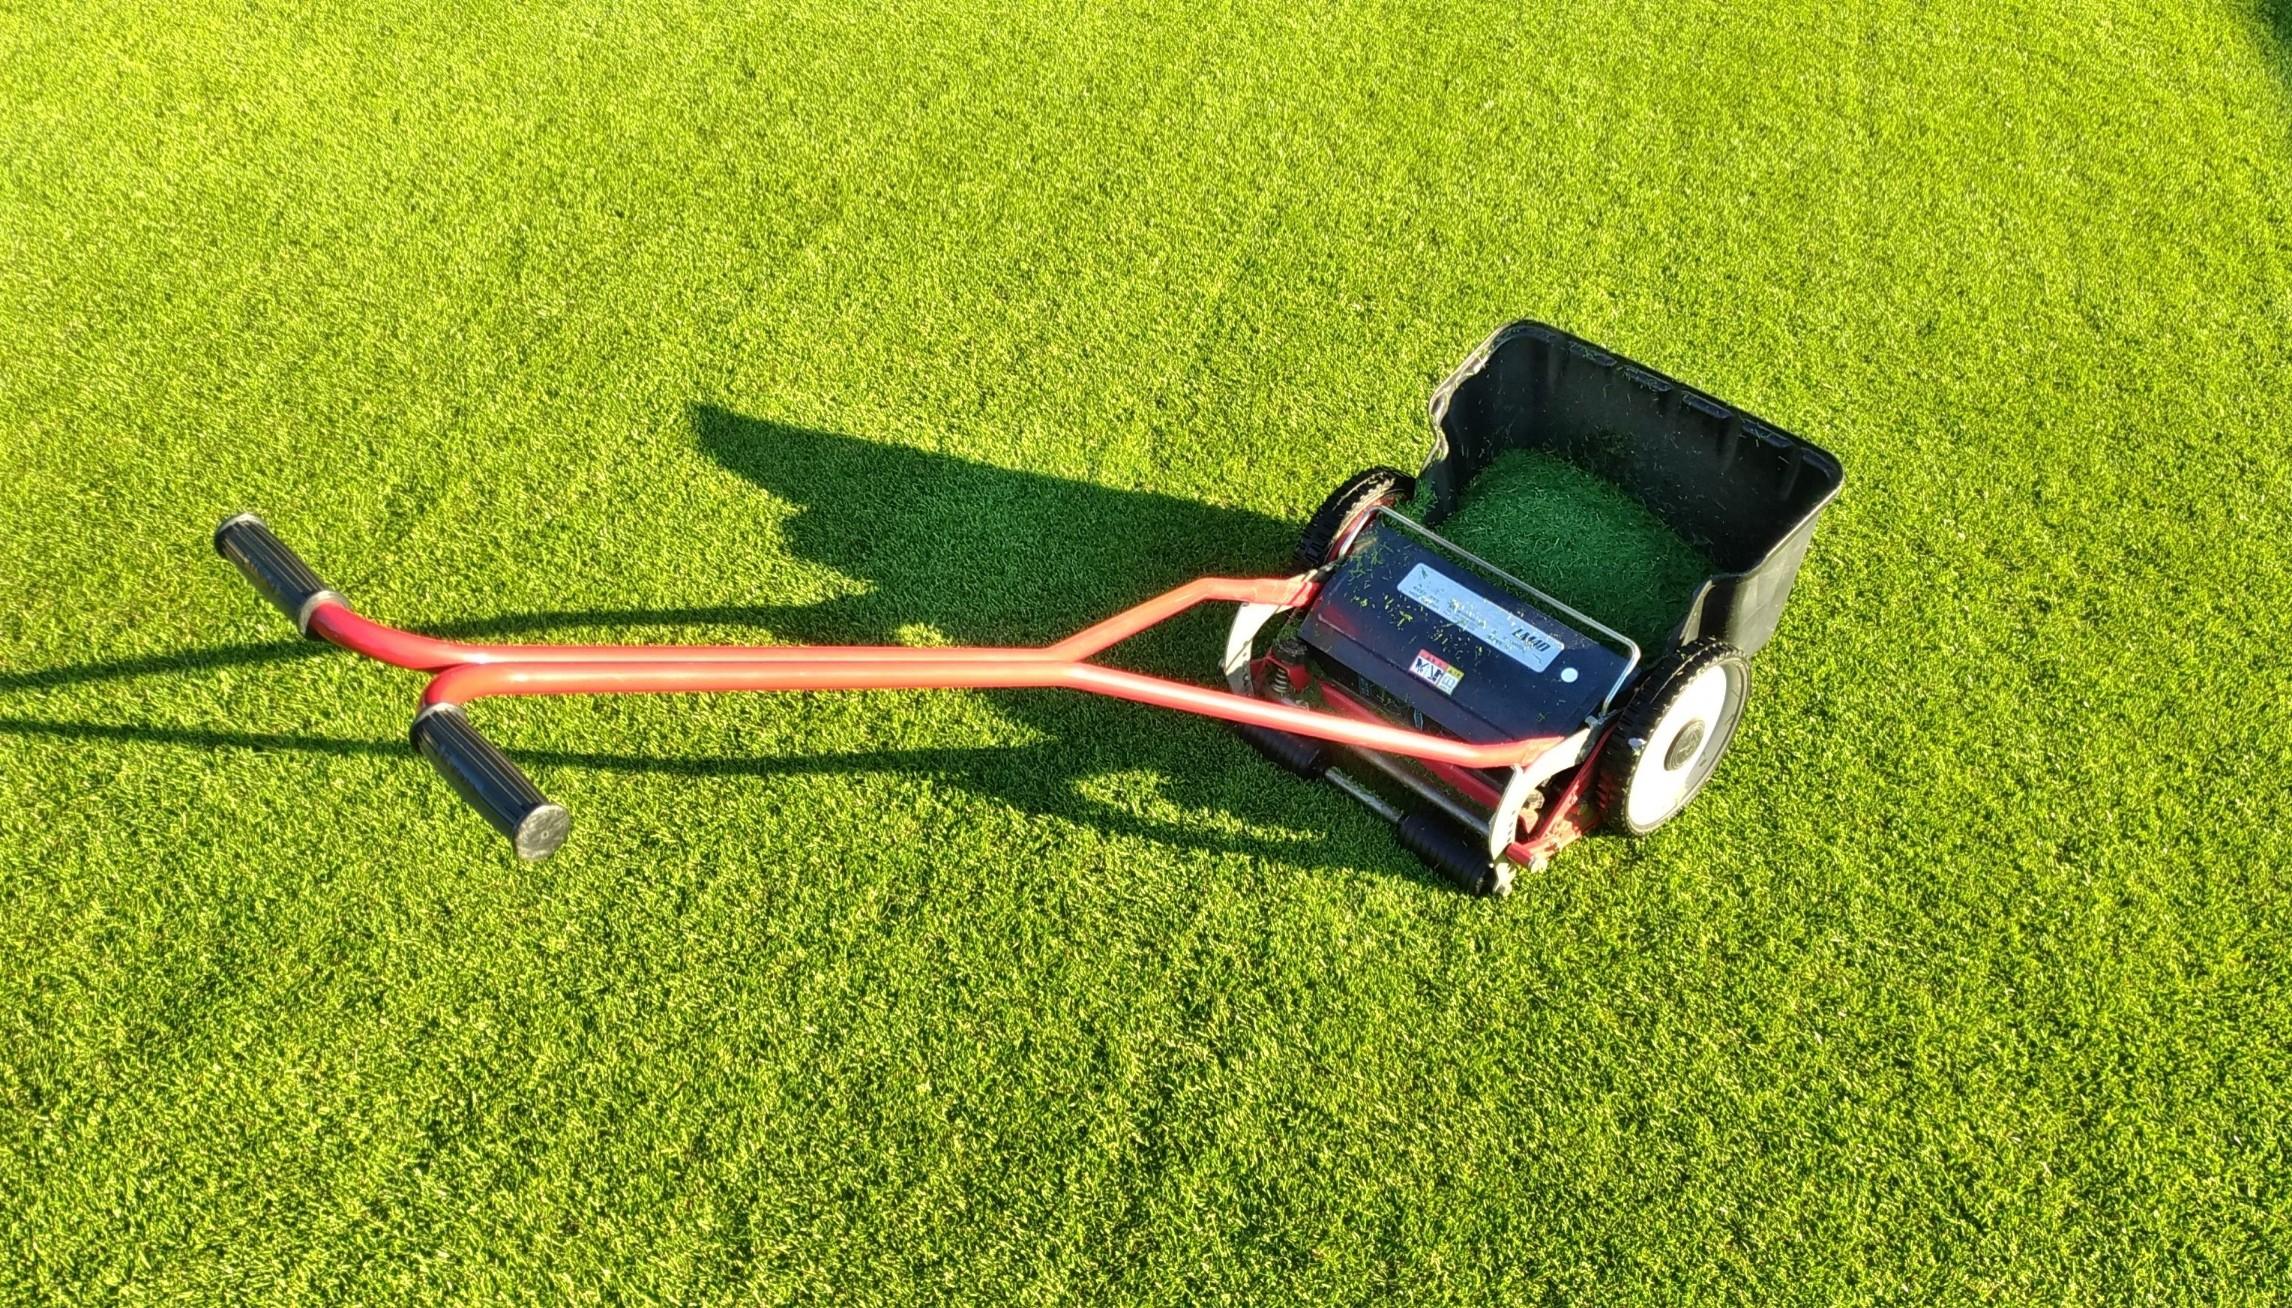 早朝の芝刈りは気持ちいい😃✨